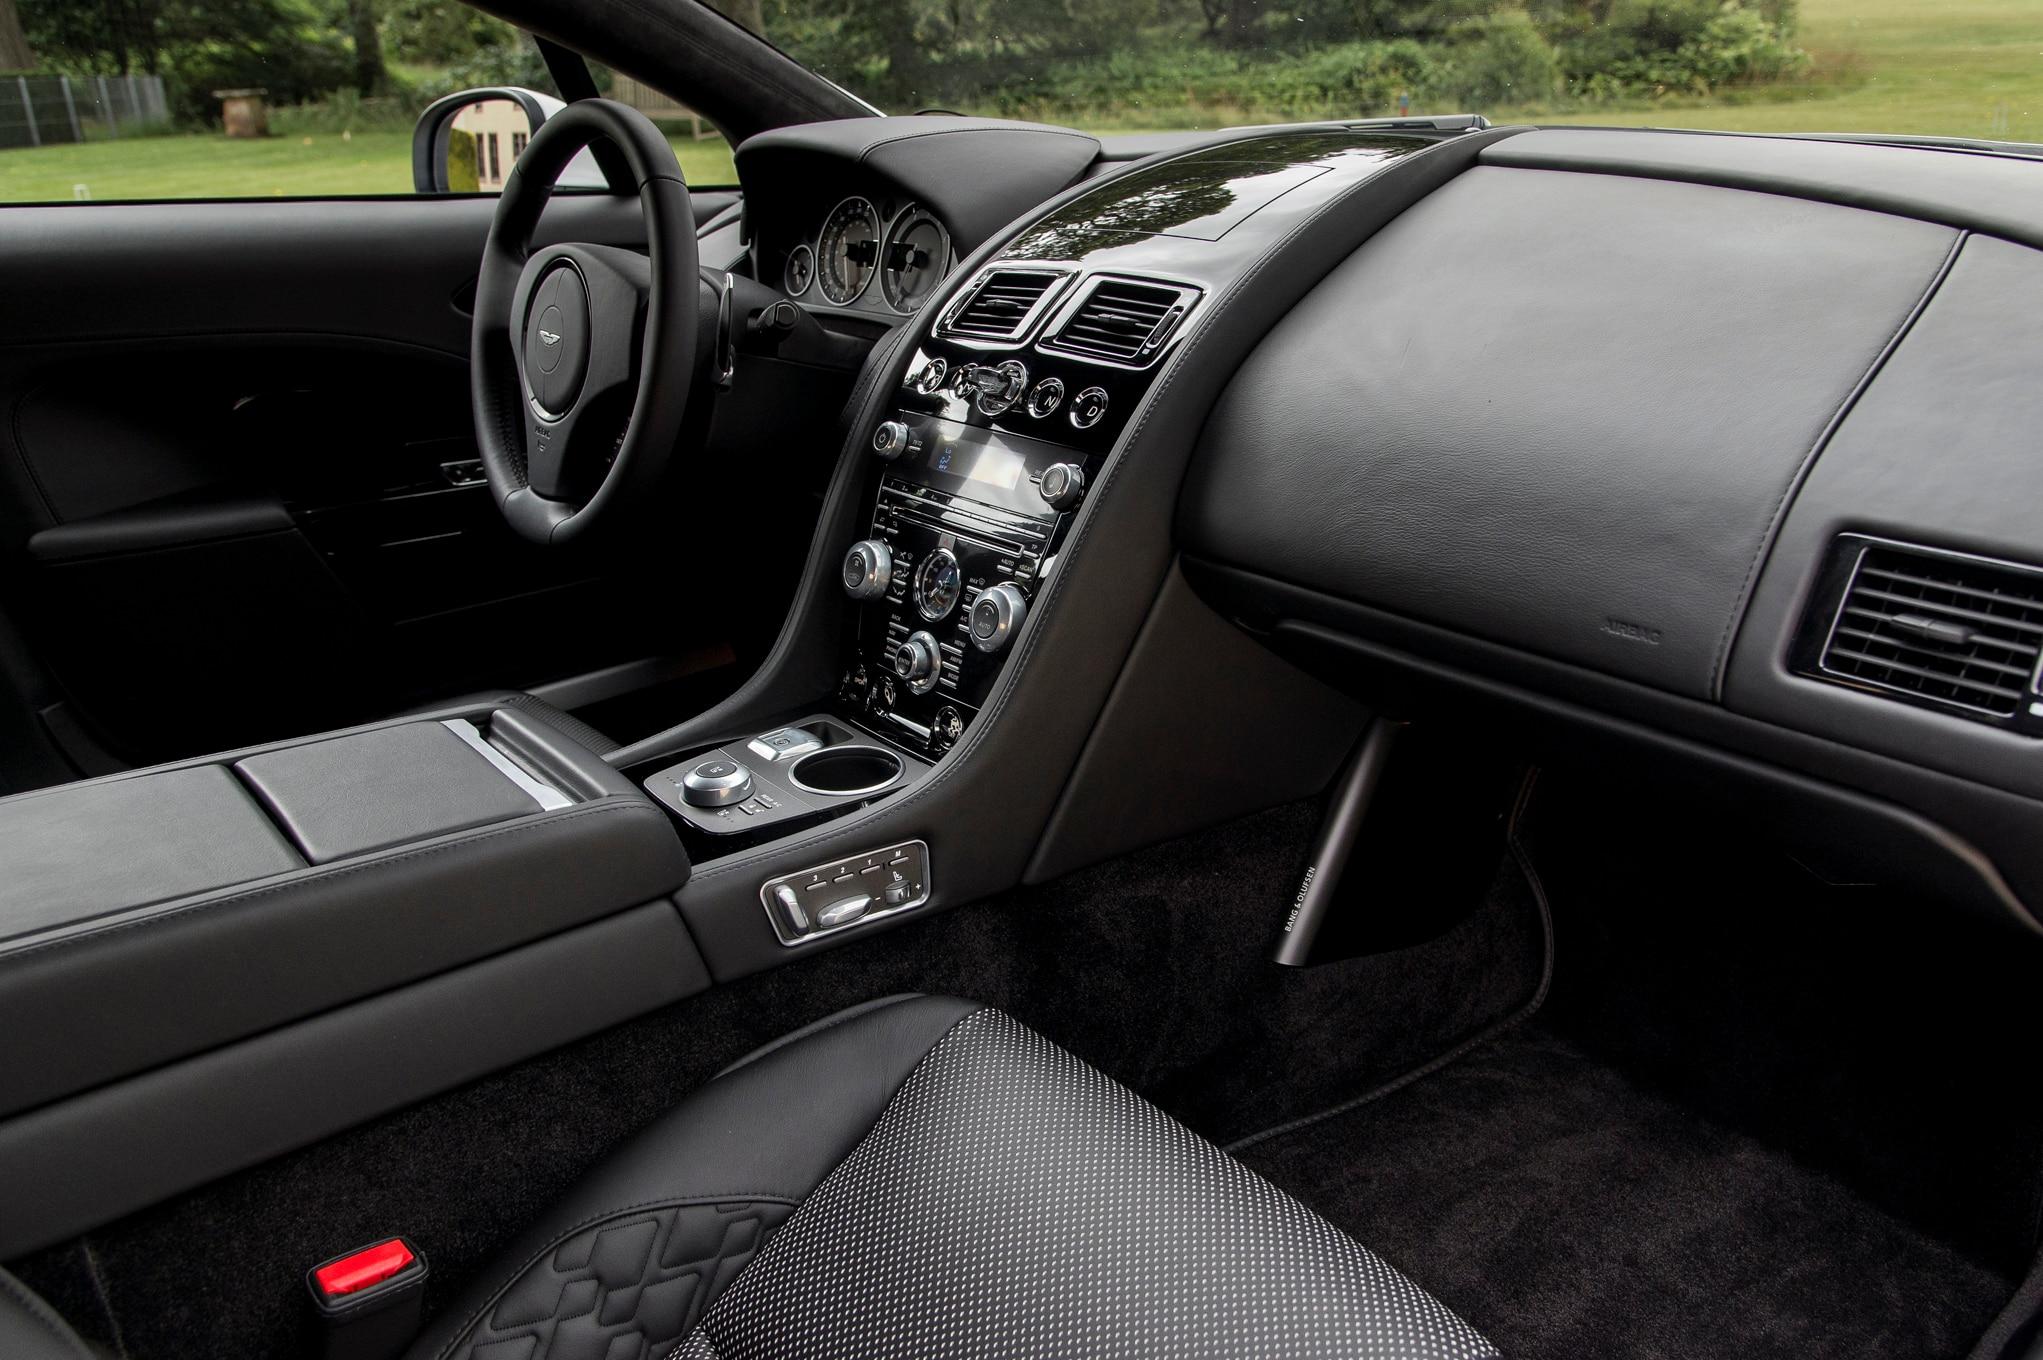 aston martin rapide 2015 interior. show more aston martin rapide 2015 interior